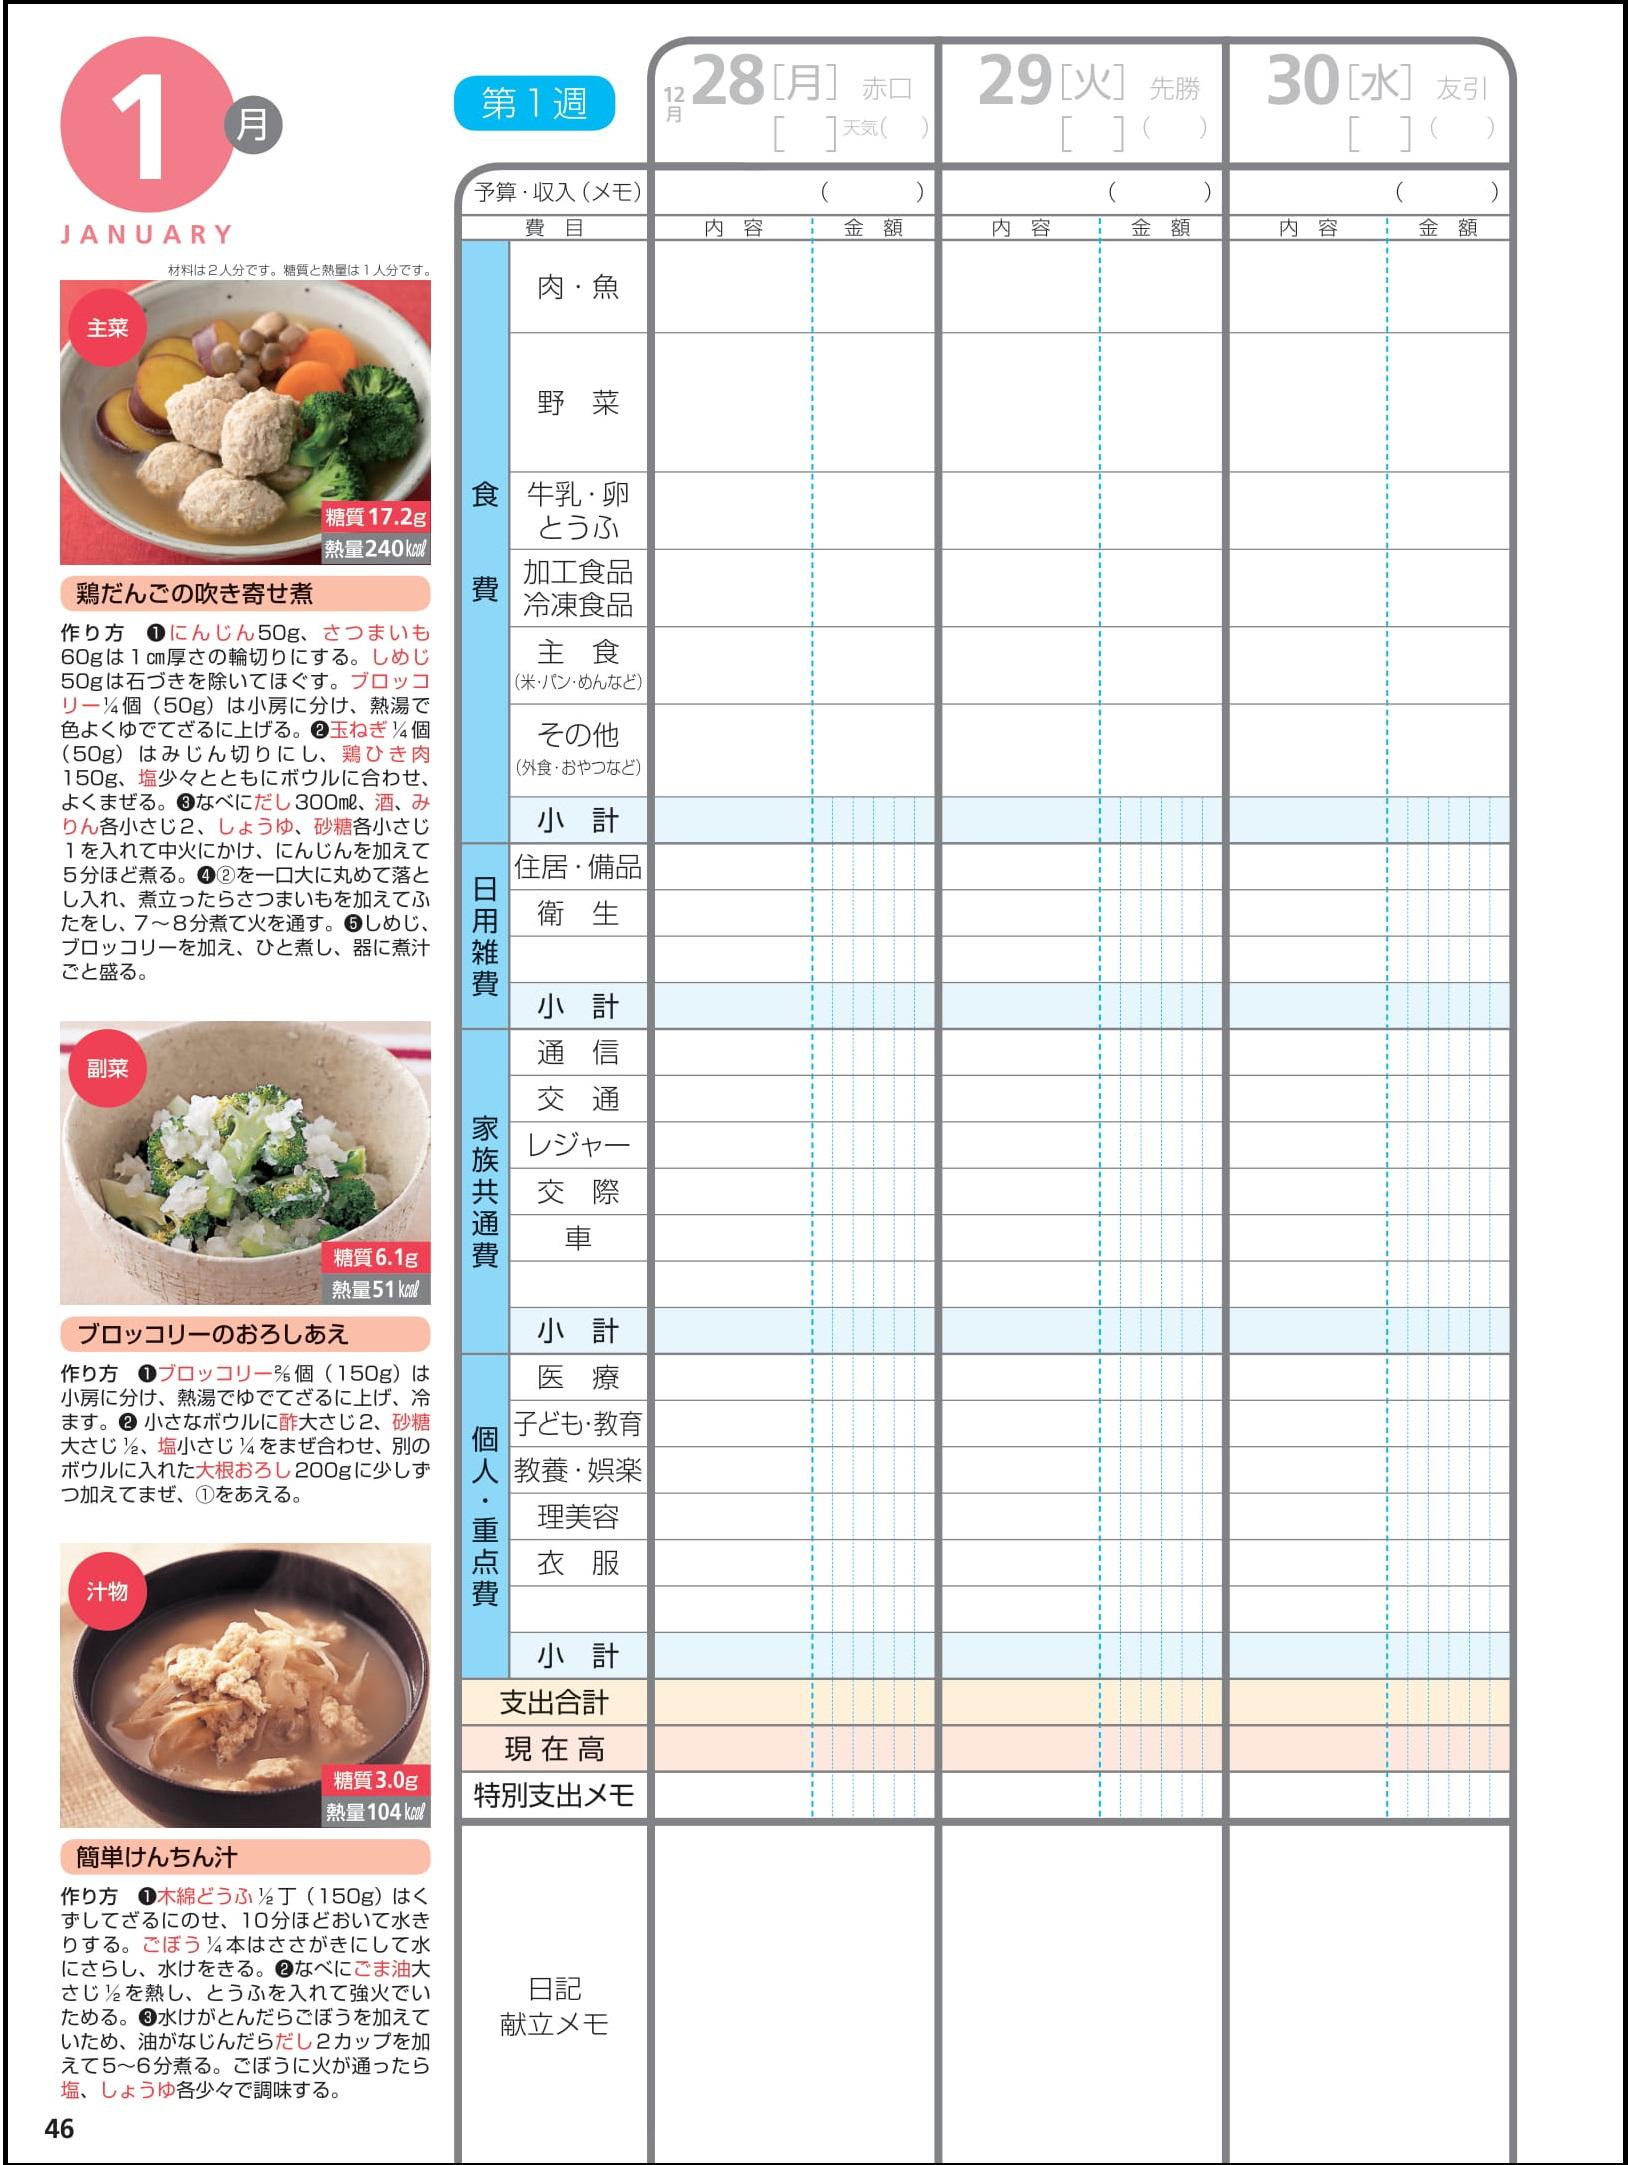 週ごとに主菜・副菜・汁物のレシピを掲載献立に迷った時に役立つ